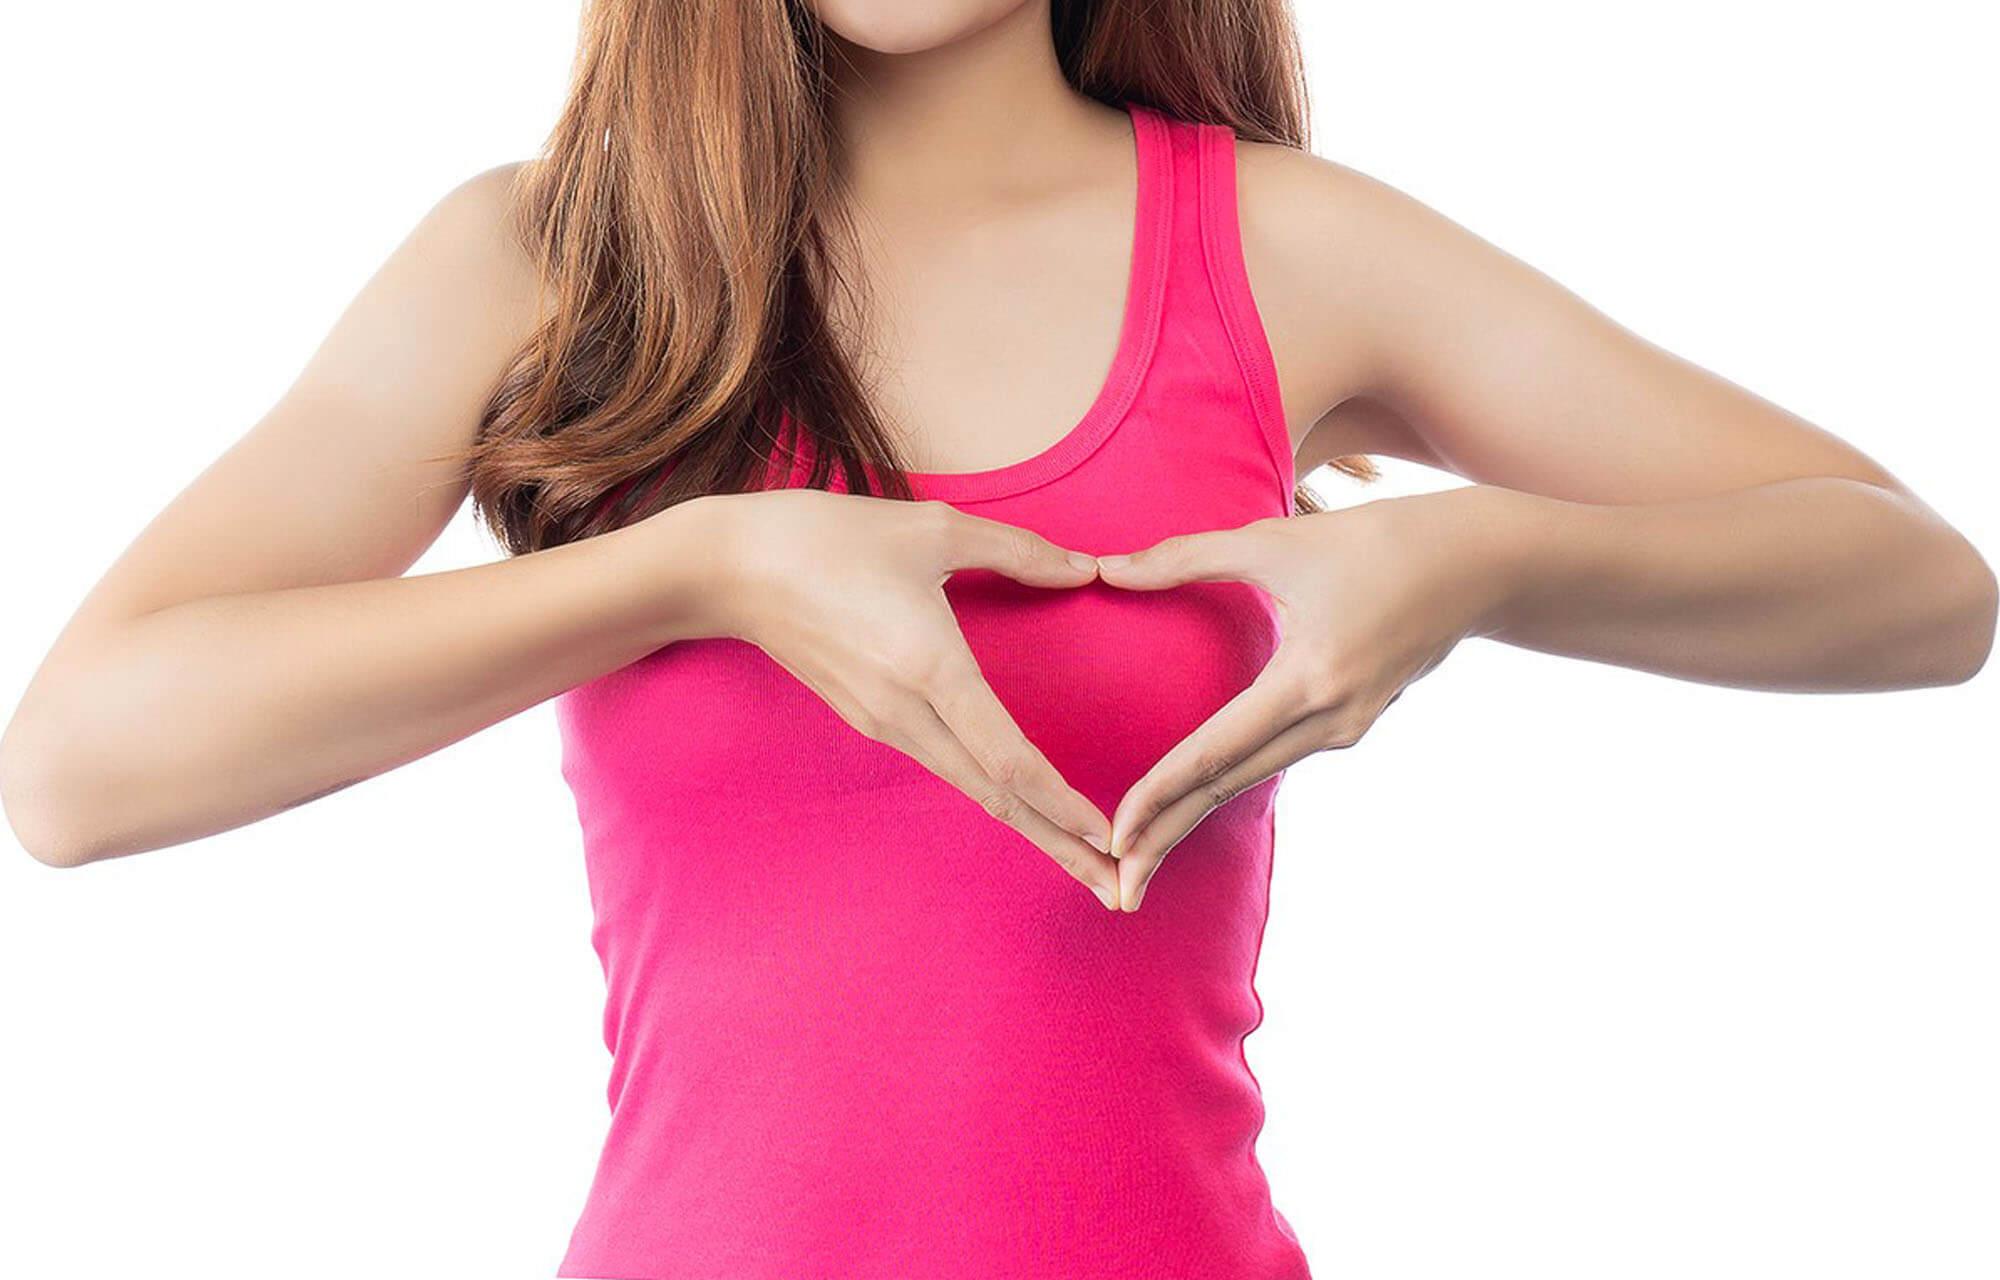 mamografski pregled, klub zdravih navika, kzn, mamografski pregled klub zdravih navika, mamografski pregled kzn, mamografija, samopregled, znacaj samopregleda, znacaj u prevetivi i dijagnostici, znacaj preventive, znacaj dijagnostike, rak dojki, tumor na dojci, preventiva raka dojki, saveti lekara, zdavlje, zdravstveni saveti, strucni saveti, saveti, Iceberg Salat Centar